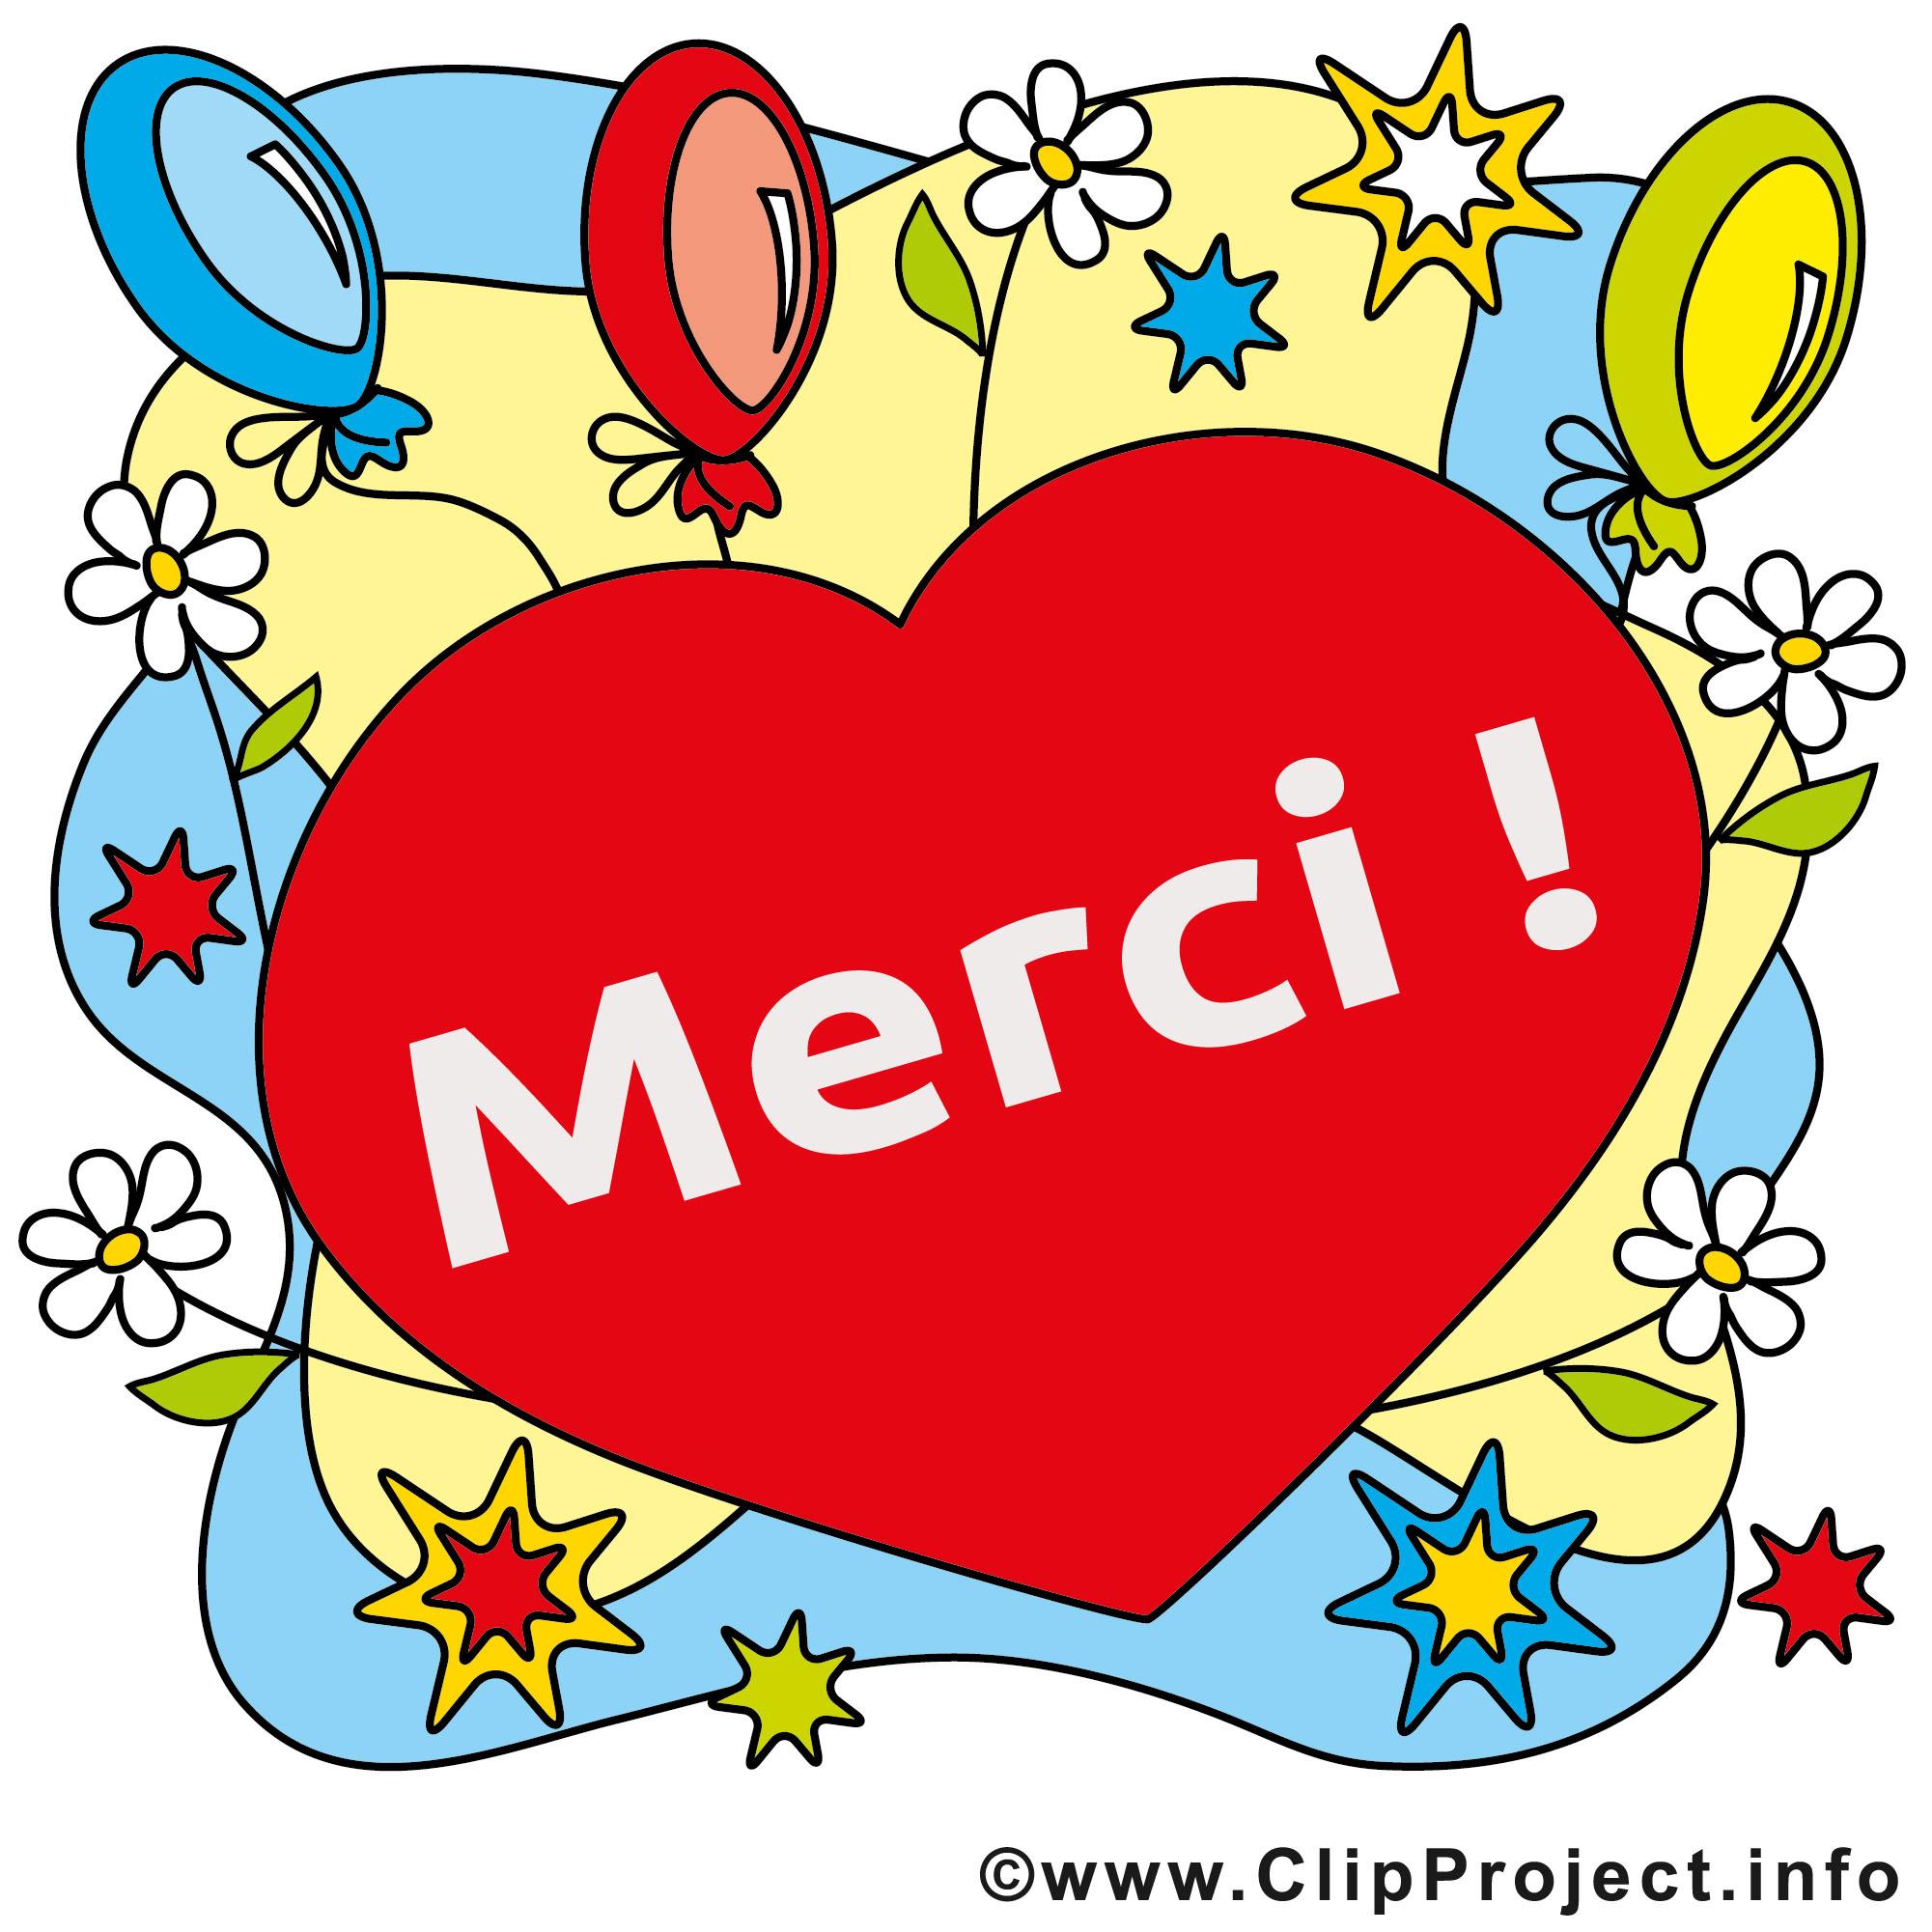 Coeur illustration gratuite merci clipart merci dessin picture image graphic clip art - Images coeur gratuites ...